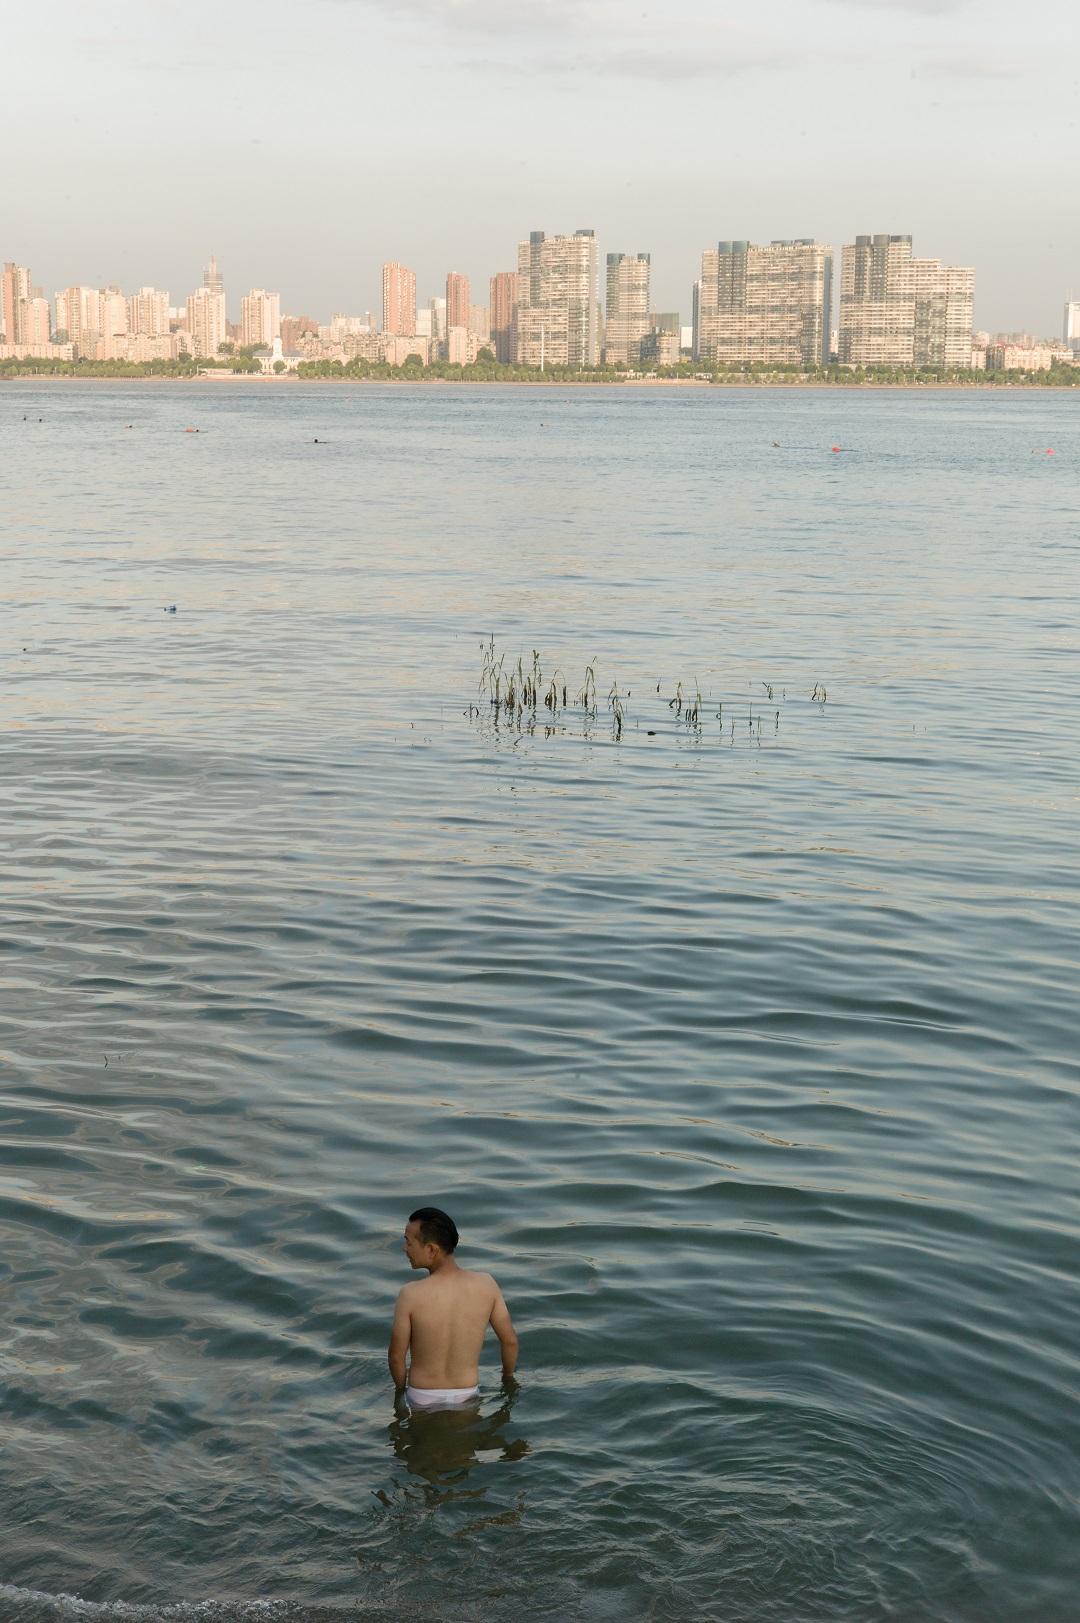 2015年,谌毅拍摄于汉江口,正在玩水的人。